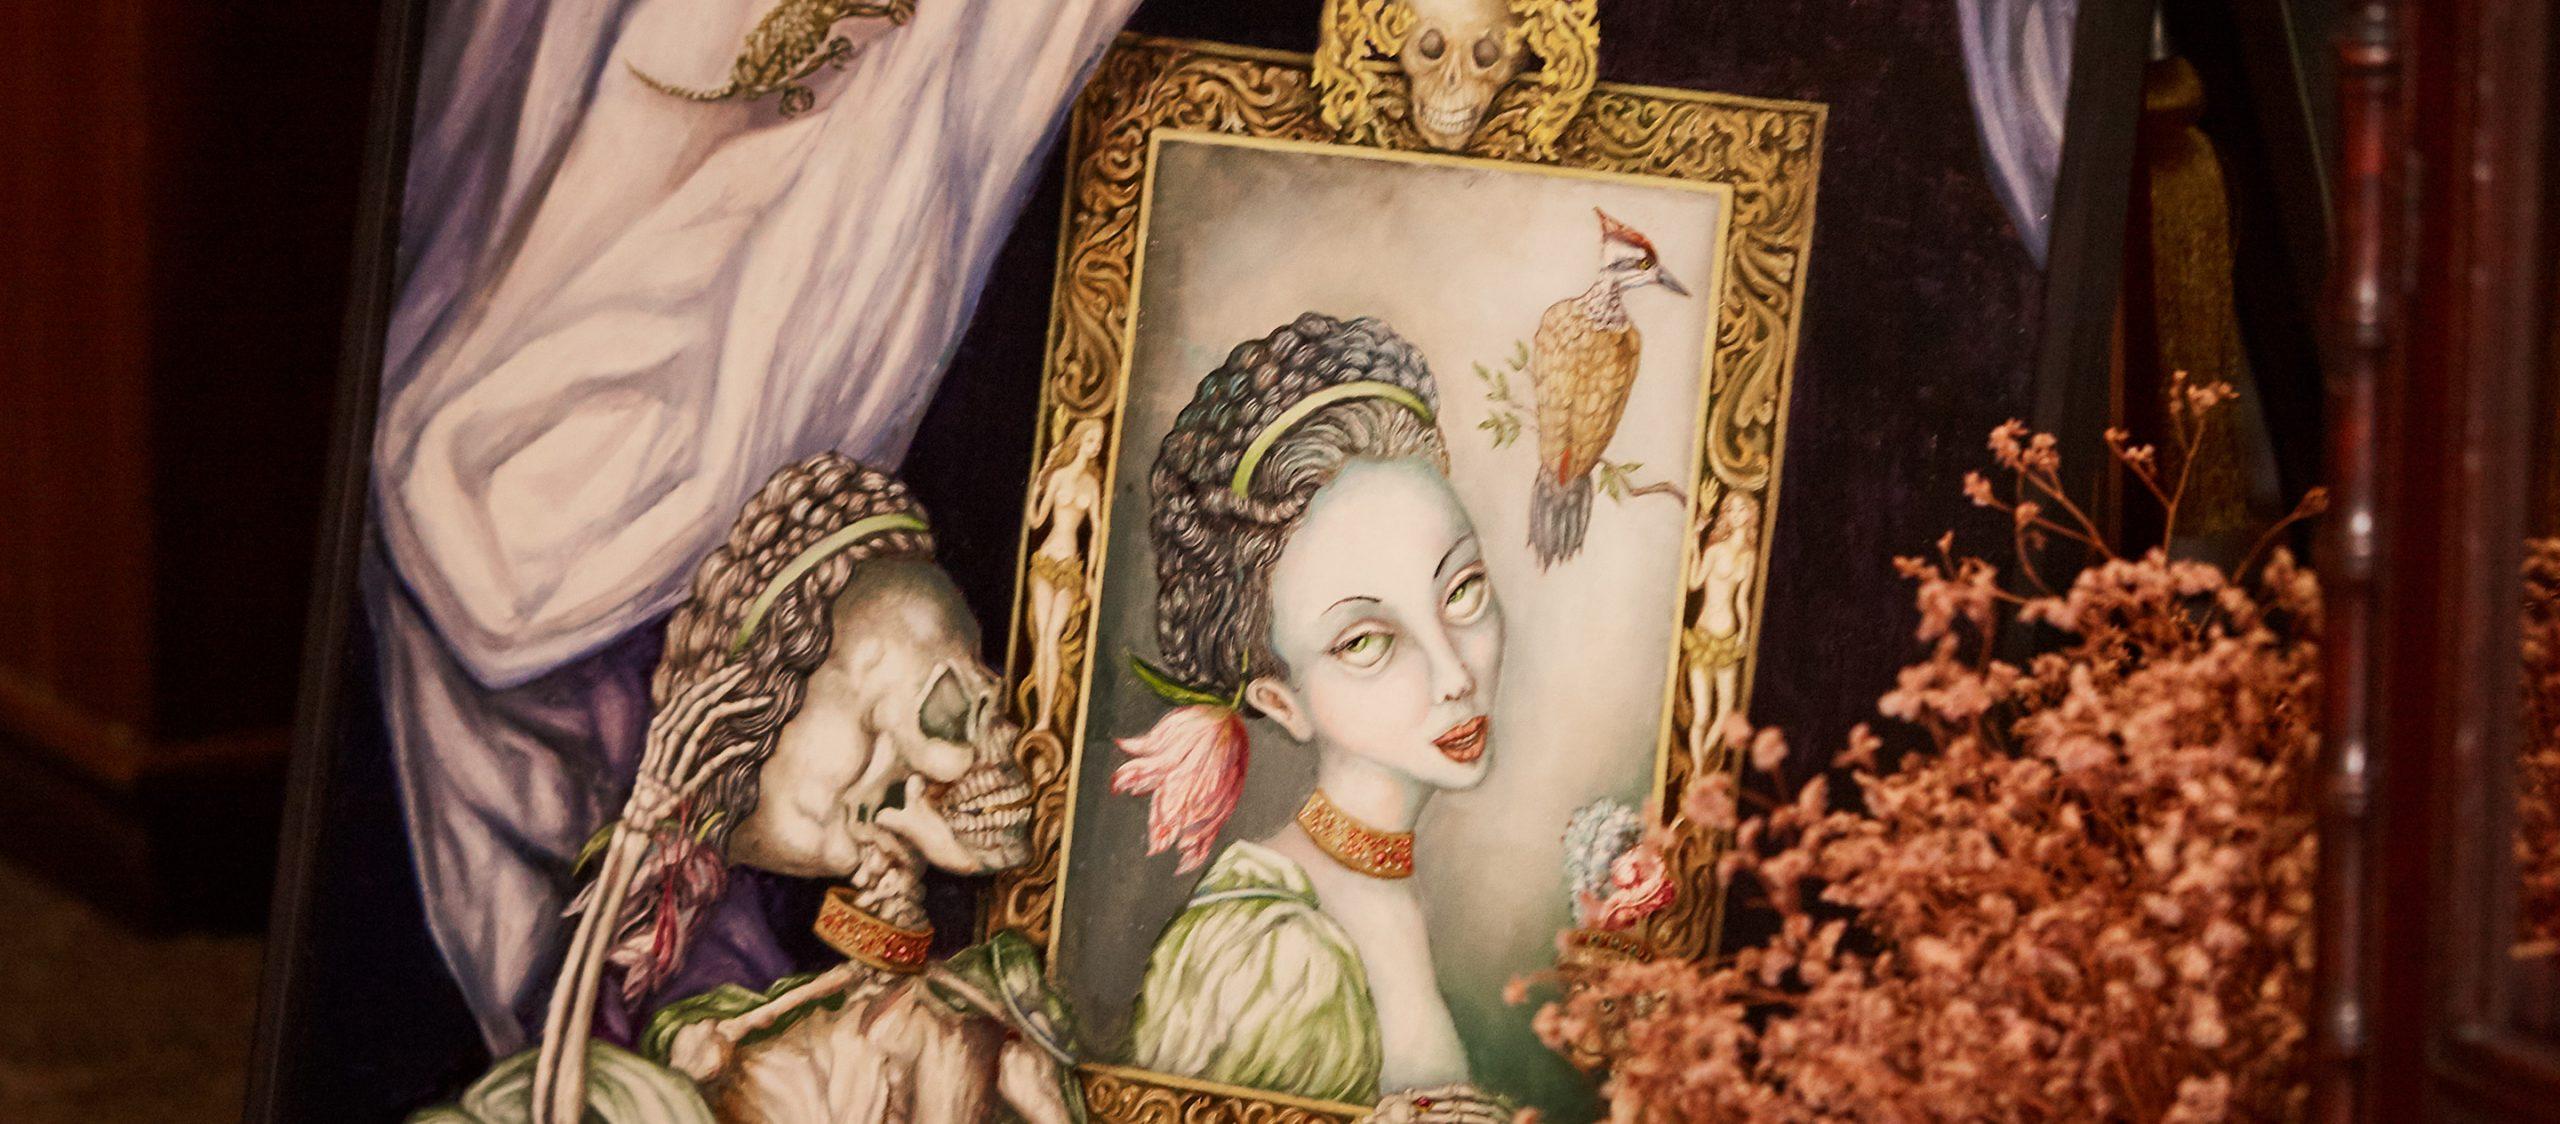 'Beauty and Ugliness' หม่อมเจ้ามารศีฯ ศิลปินผู้เปิดเปลือยความเป็นและความตาย